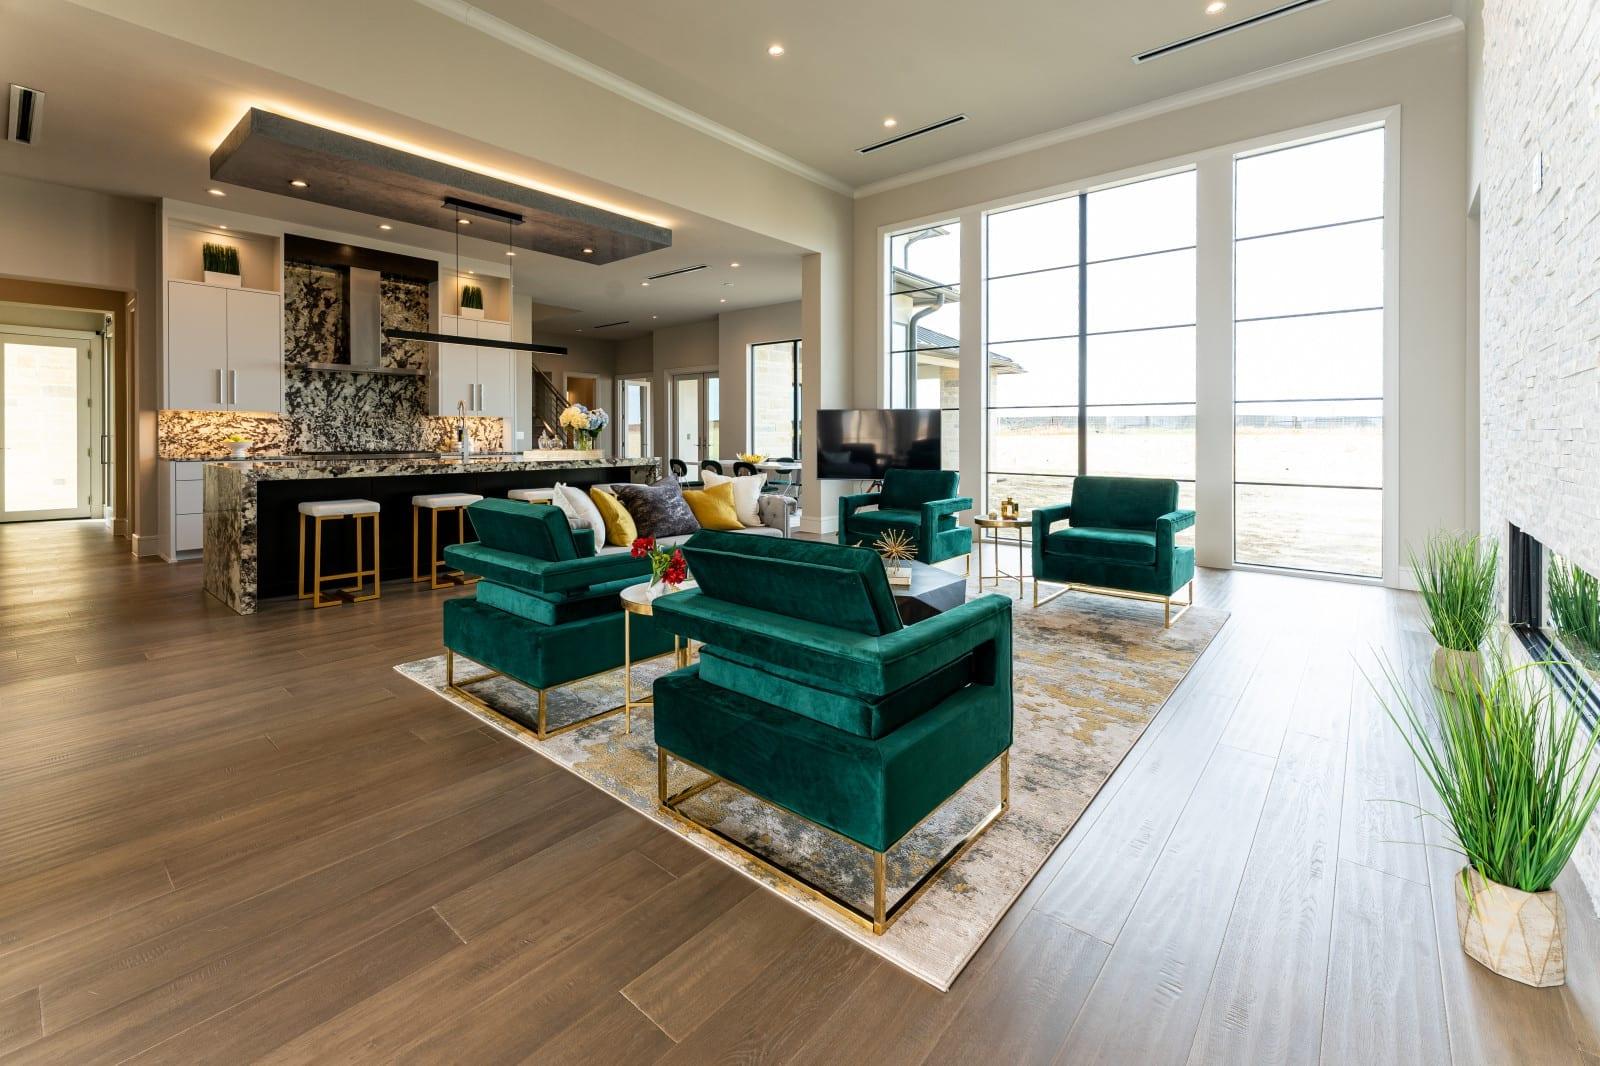 modern home design 11 - Millennial Design + Build